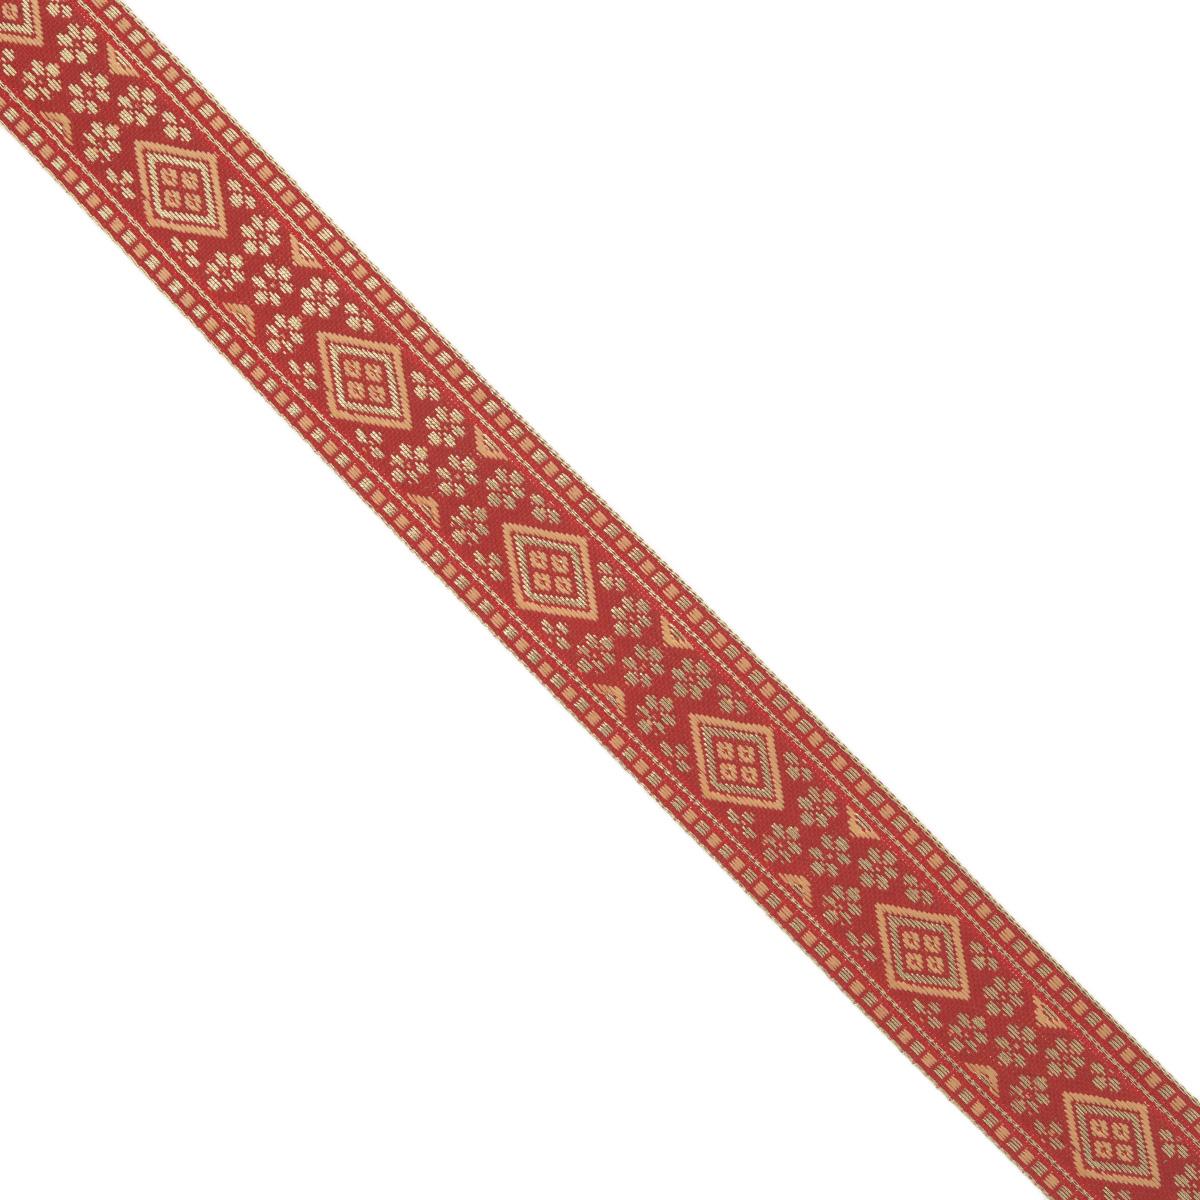 Тесьма декоративная Астра, цвет: красный (А17), ширина 2,5 см, длина 16,4 м. 77033297703329_А17Декоративная тесьма Астра выполнена из текстиля и оформлена оригинальным орнаментом. Такая тесьма идеально подойдет для оформления различных творческих работ таких, как скрапбукинг, аппликация, декор коробок и открыток и многое другое. Тесьма наивысшего качества и практична в использовании. Она станет незаменимым элементом в создании рукотворного шедевра. Ширина: 2,5 см.Длина: 16,4 м.